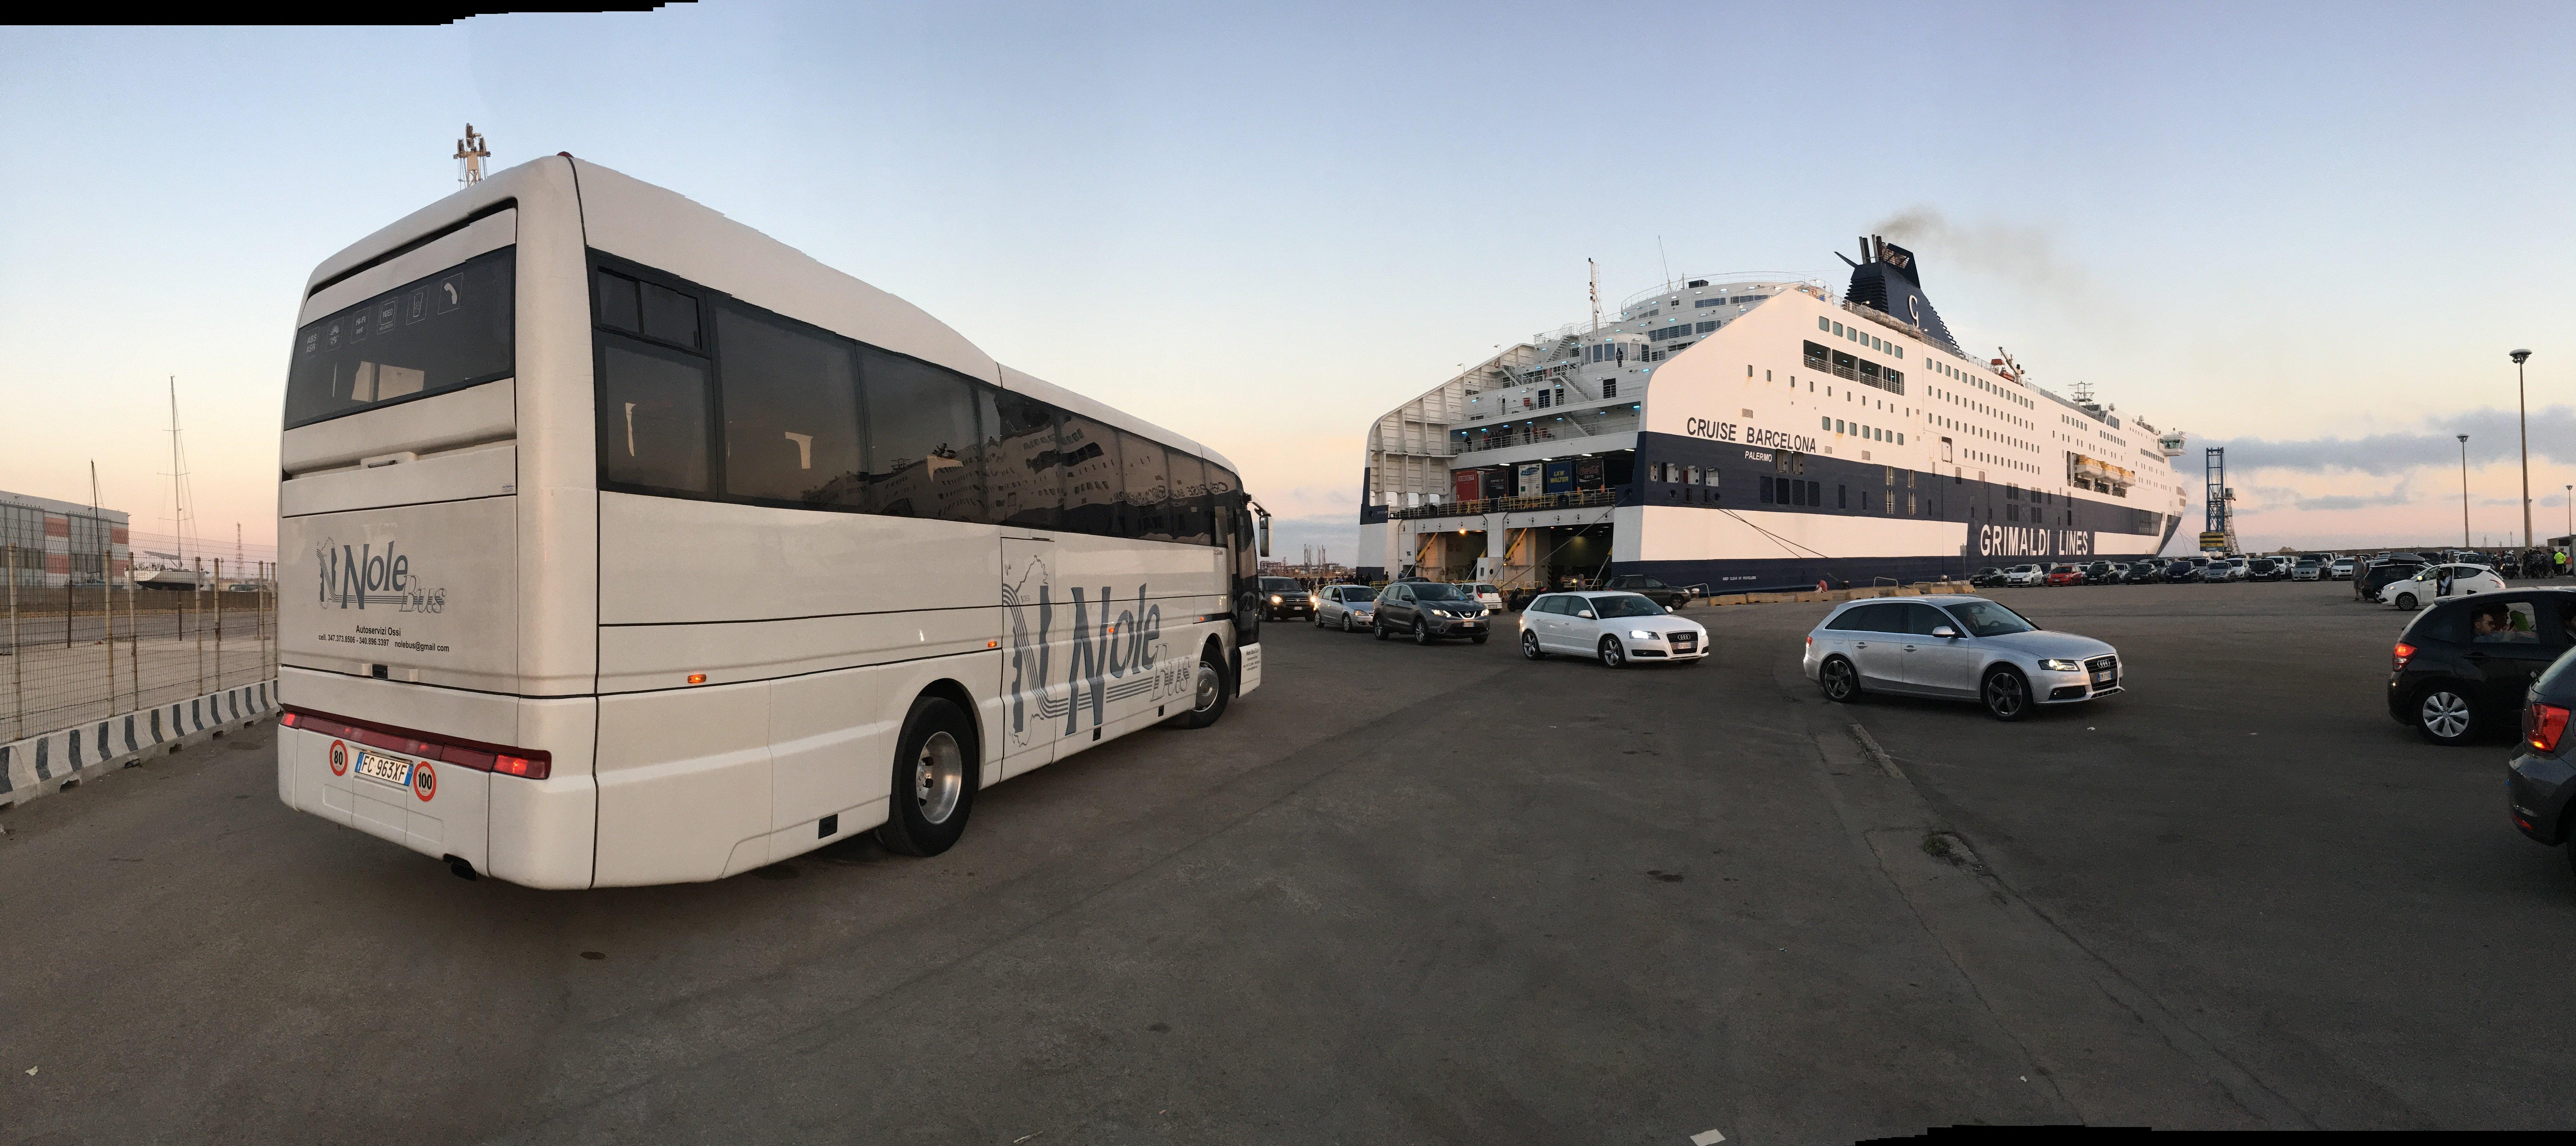 autobus parcheggiato all'imbarco di una nave